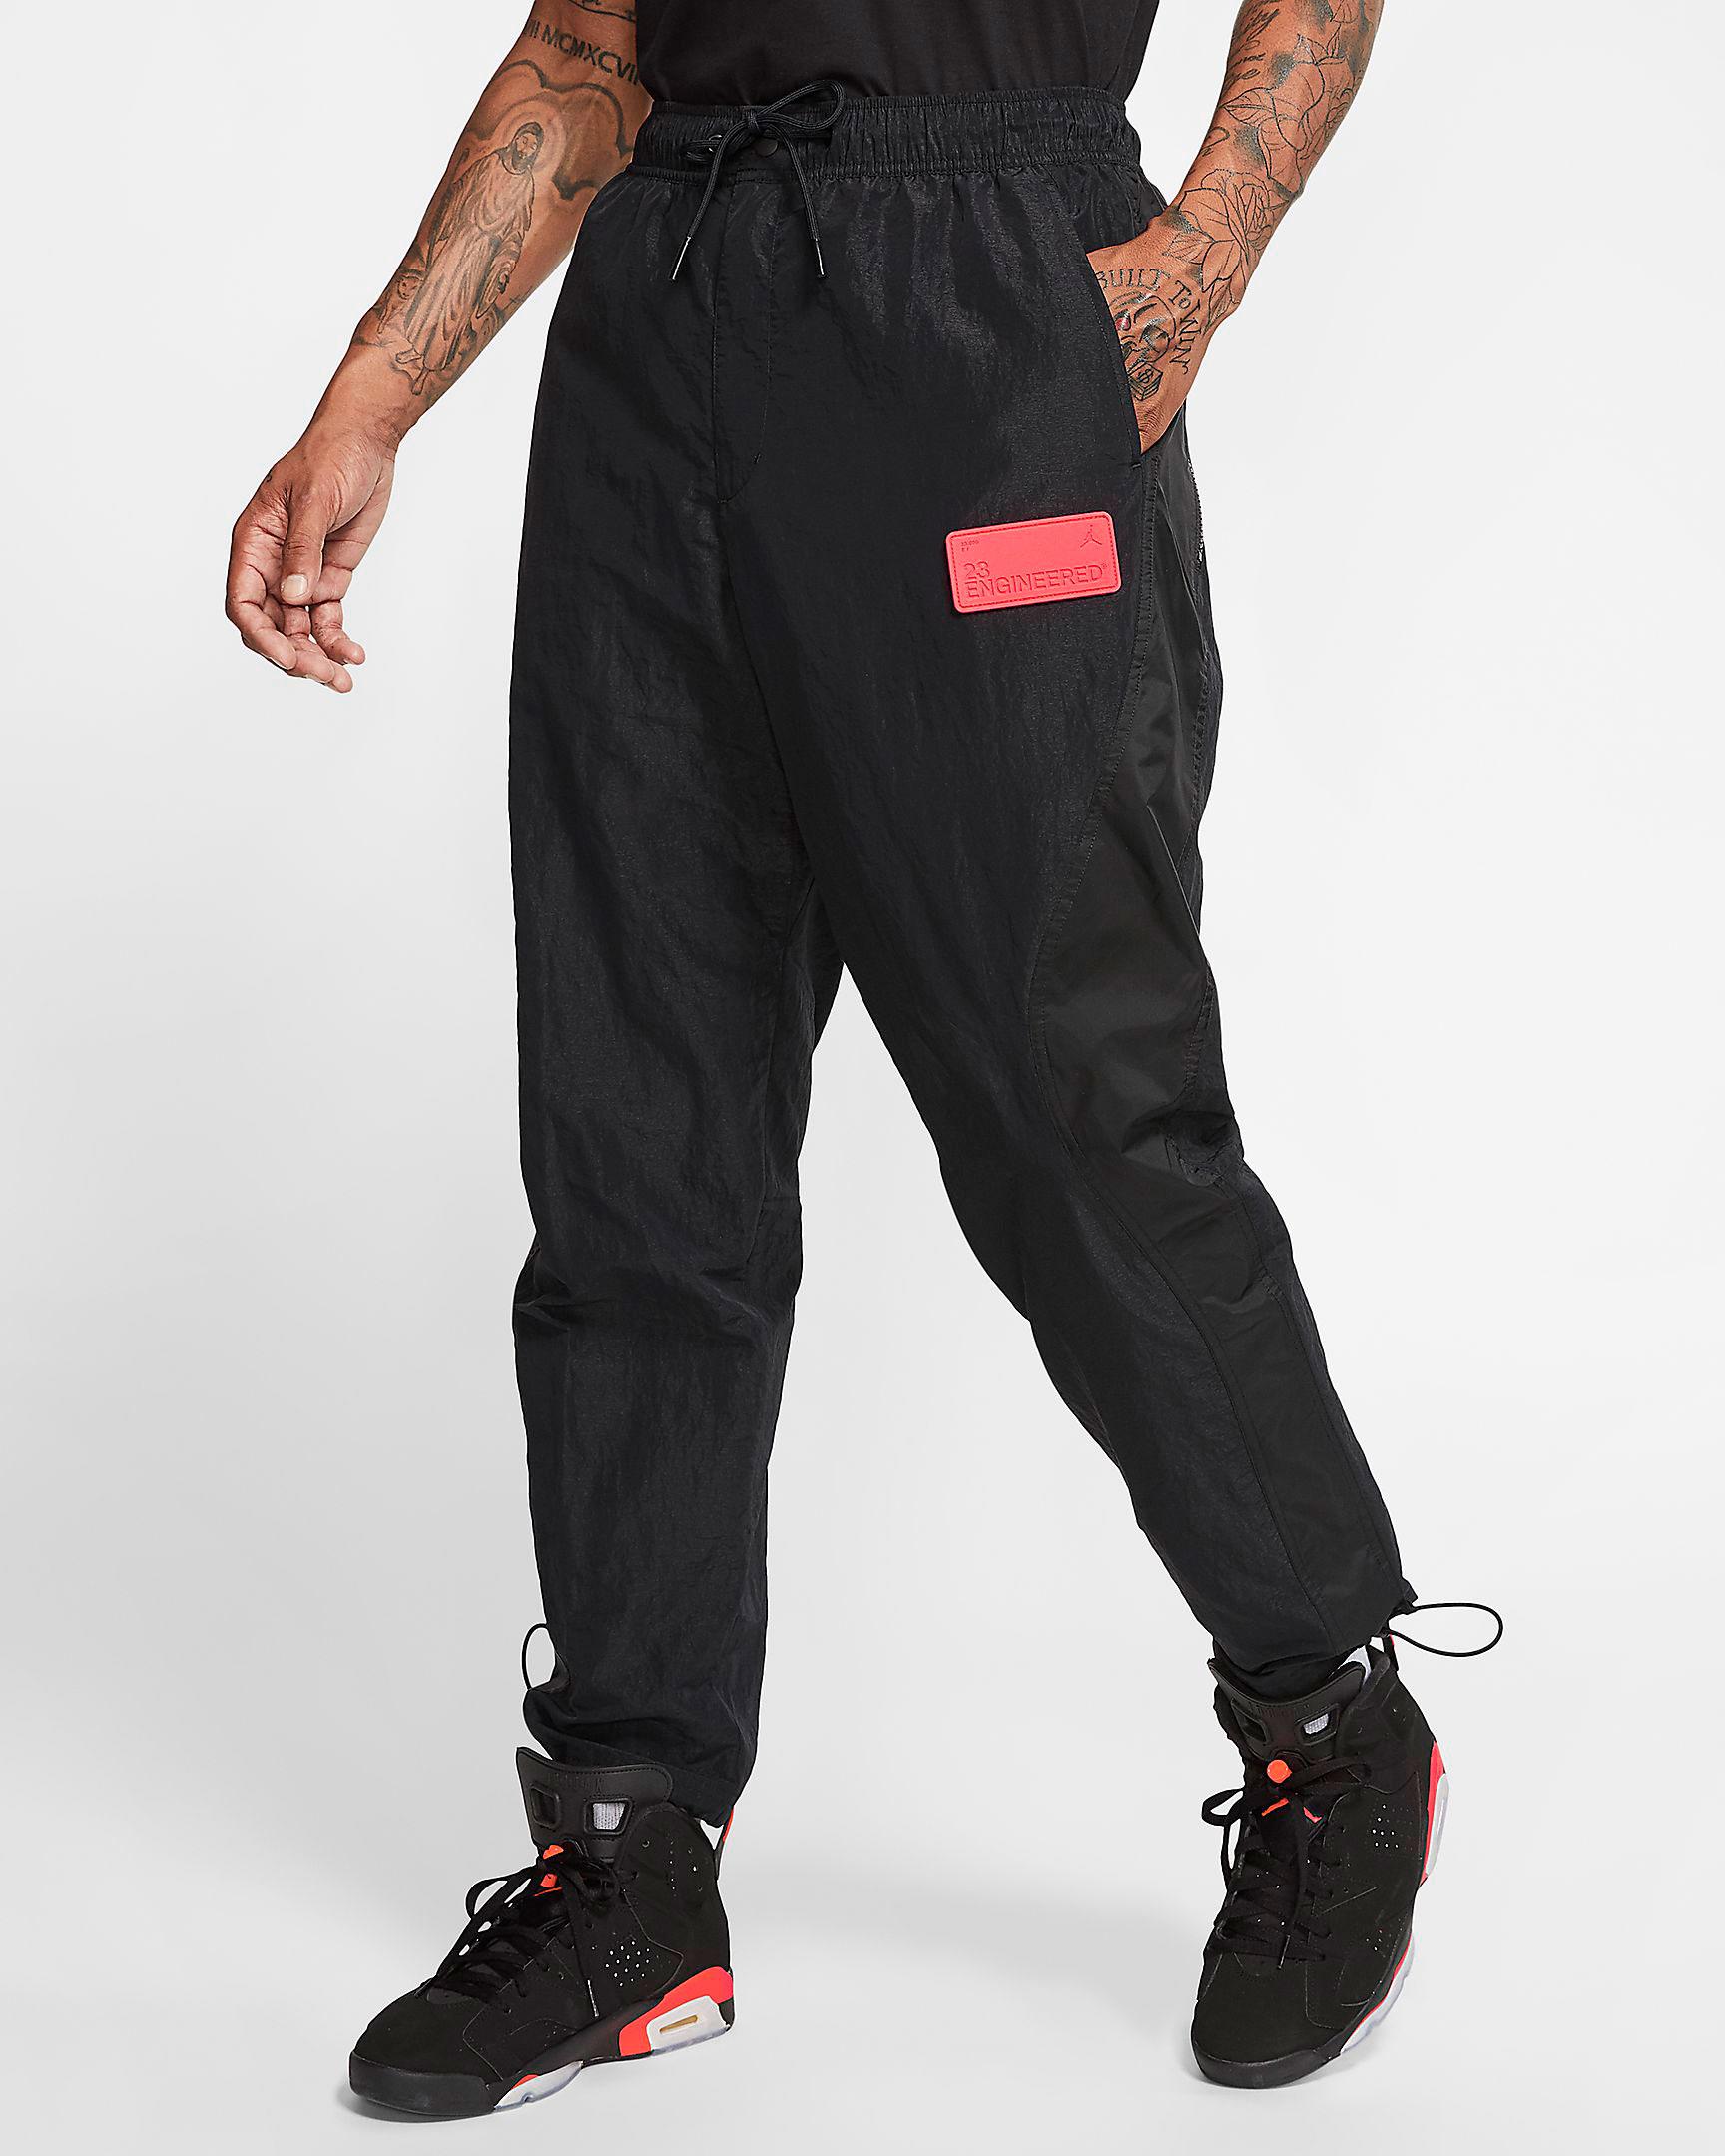 jordan-23-engineered-pants-black-red-1